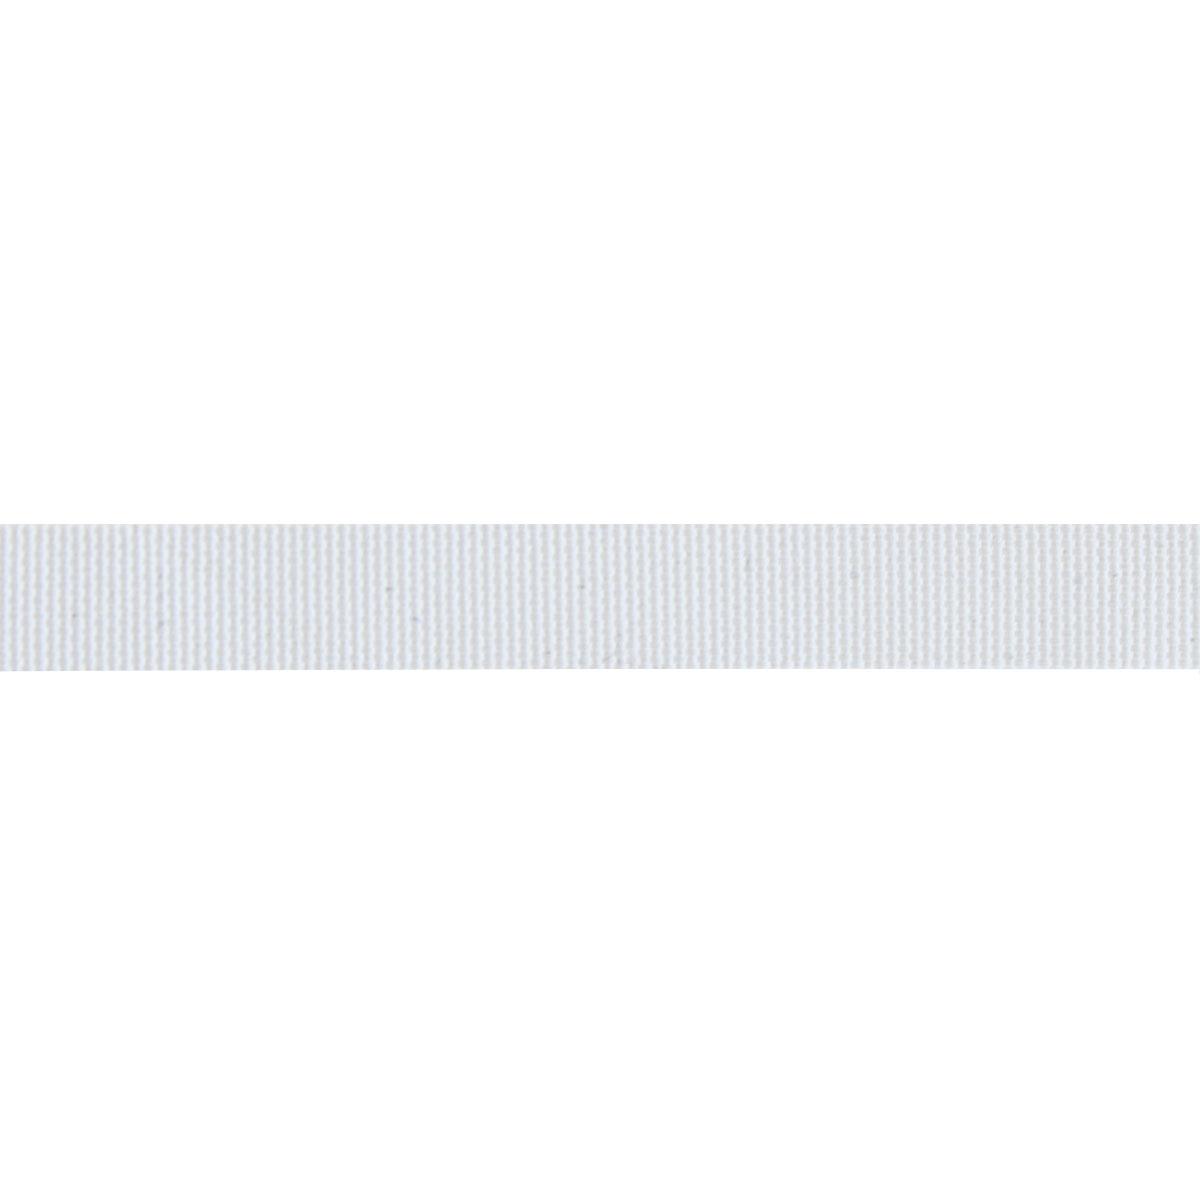 26-05005/6 Резинка латексная бел.